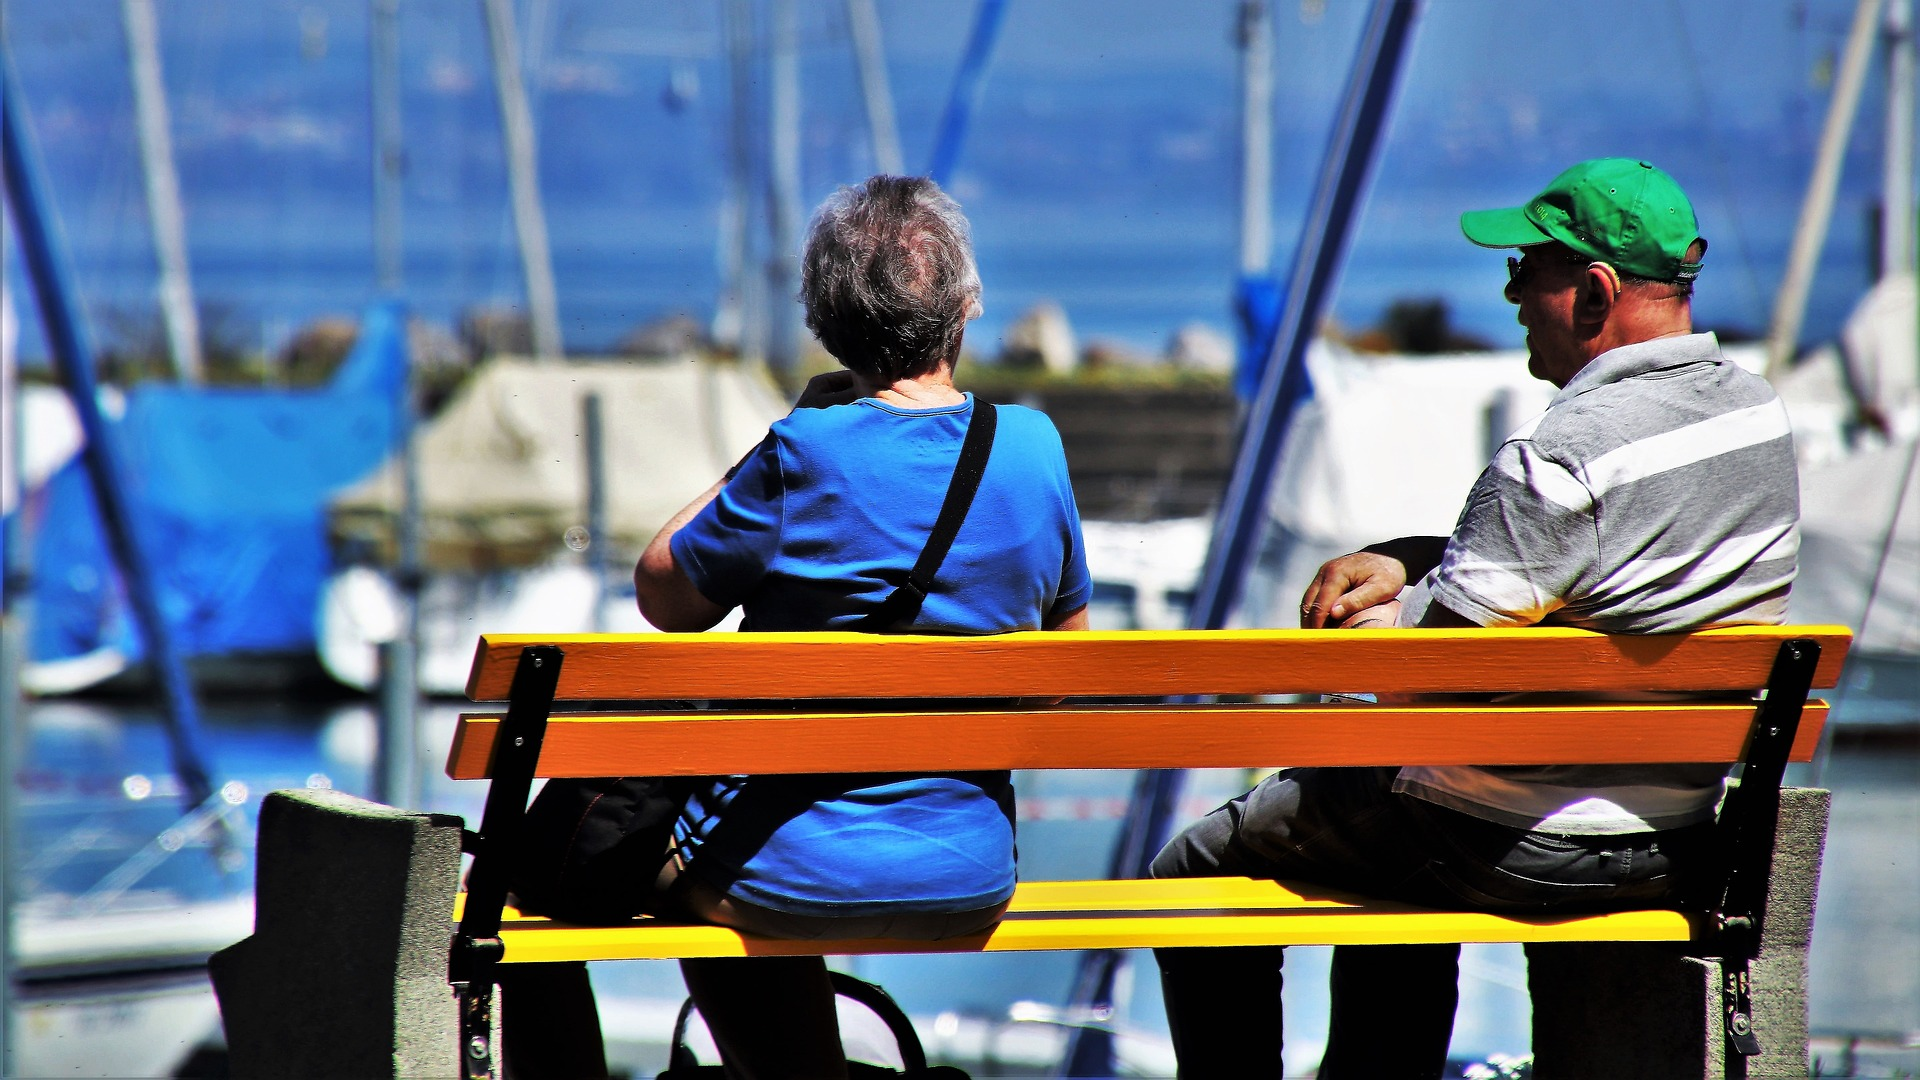 Quais são os benefícios previdenciários?